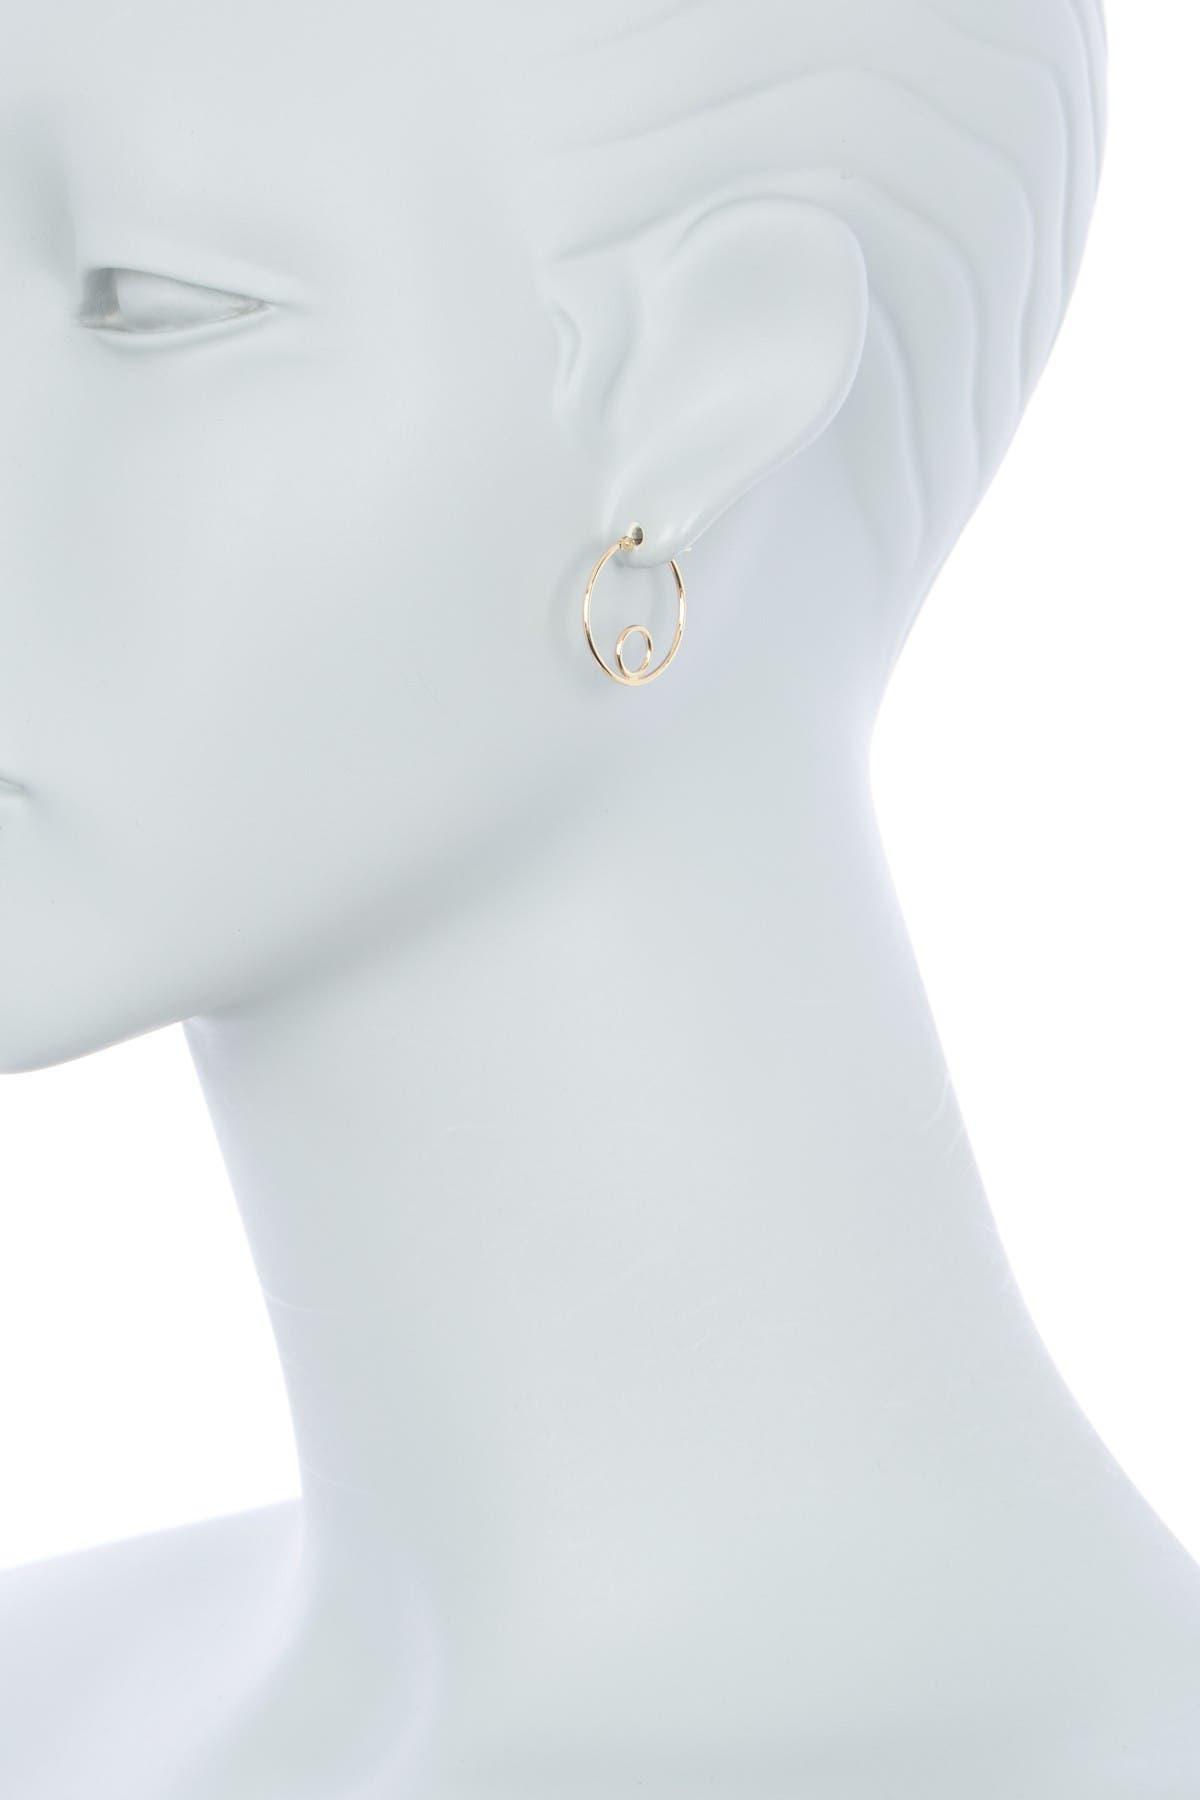 Candela 14K Yellow Gold Inner Circle Hoop Earrings